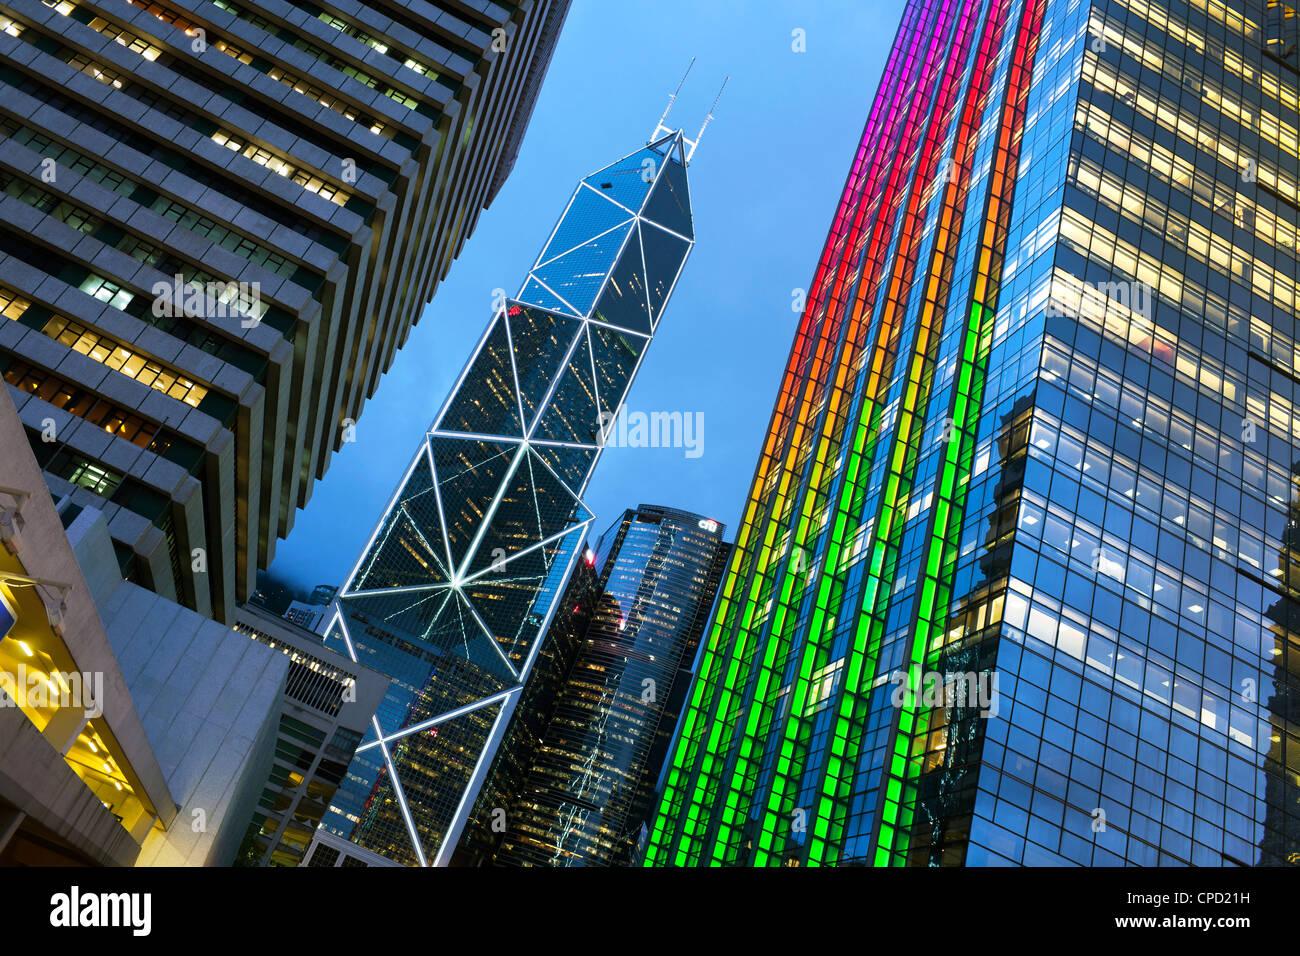 Banca di Cina edificio e skyline di Hong Kong al crepuscolo, Hong Kong, Cina Immagini Stock